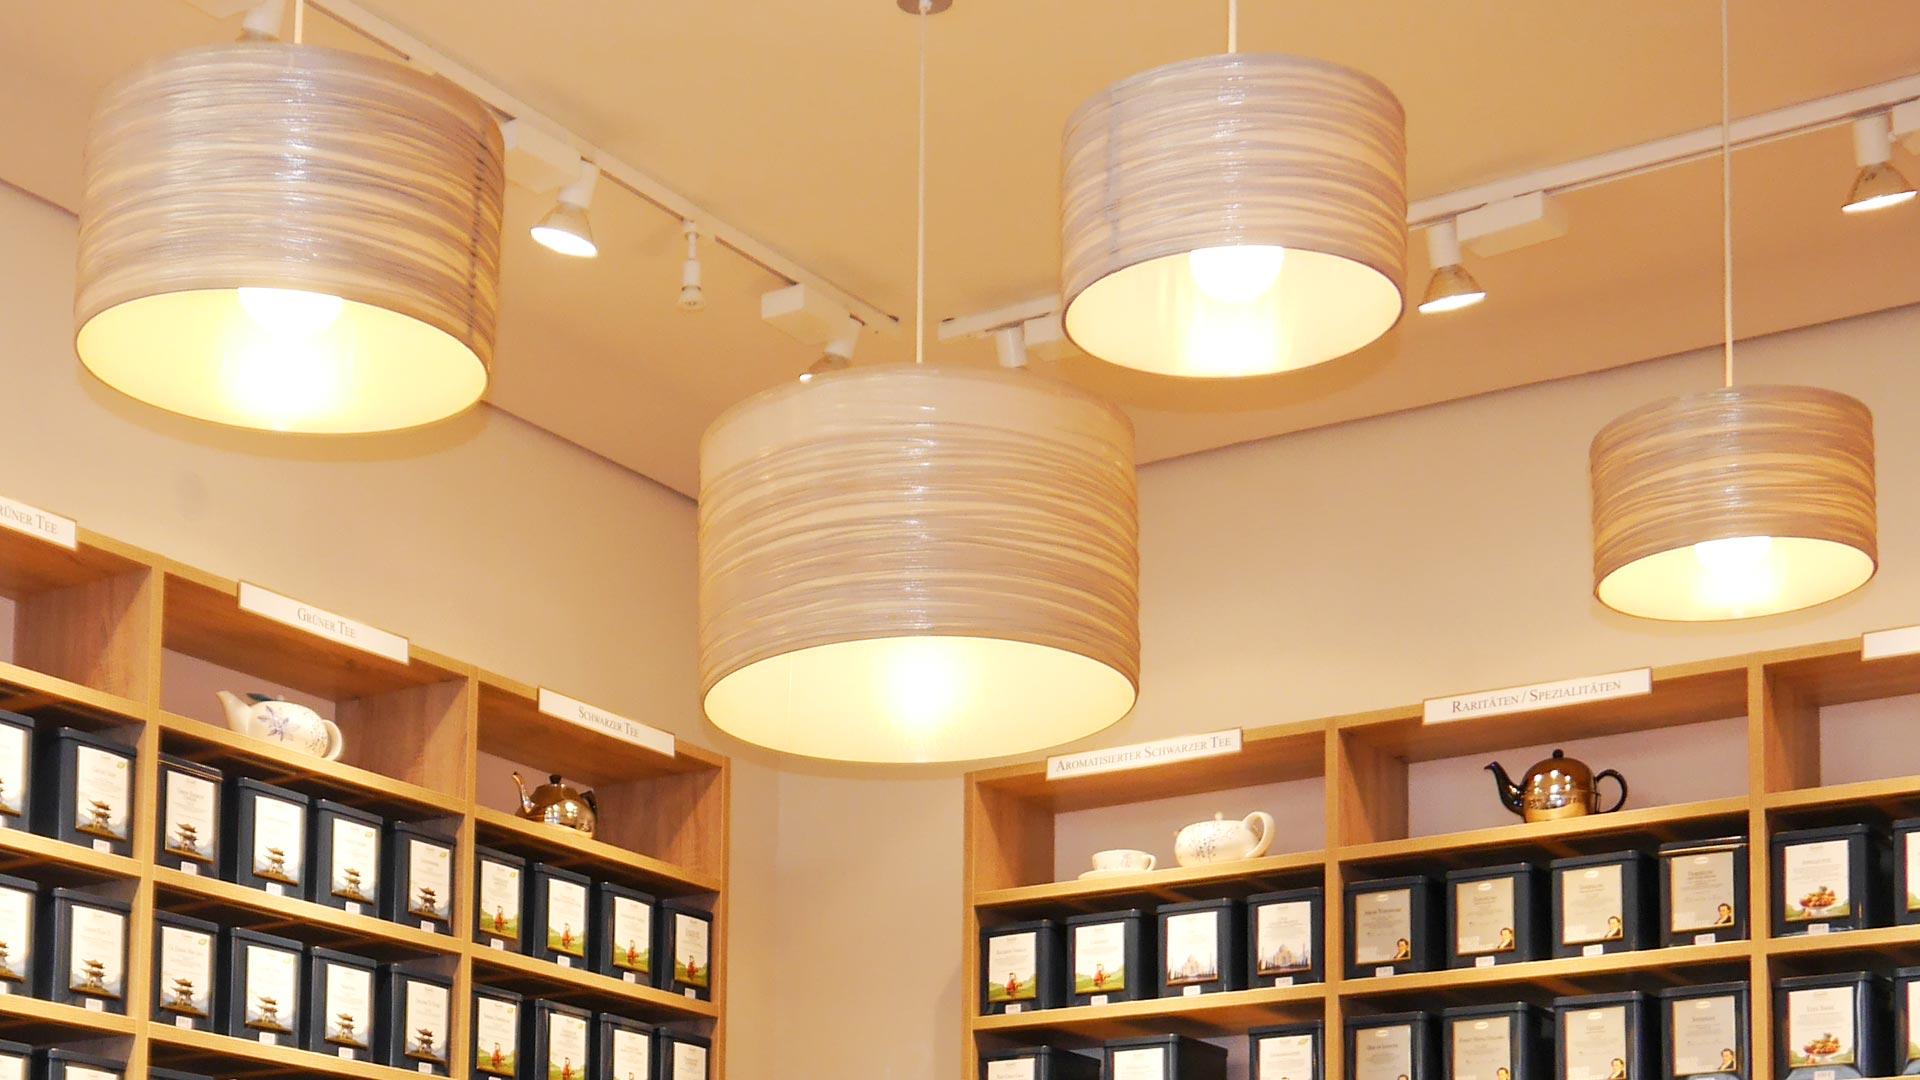 Verschiedene Leuchtmittel für verschiedene Aufgaben: Große Pendelleuchten für warmes, diffuses Licht und Spots für die Produktpräsentation.